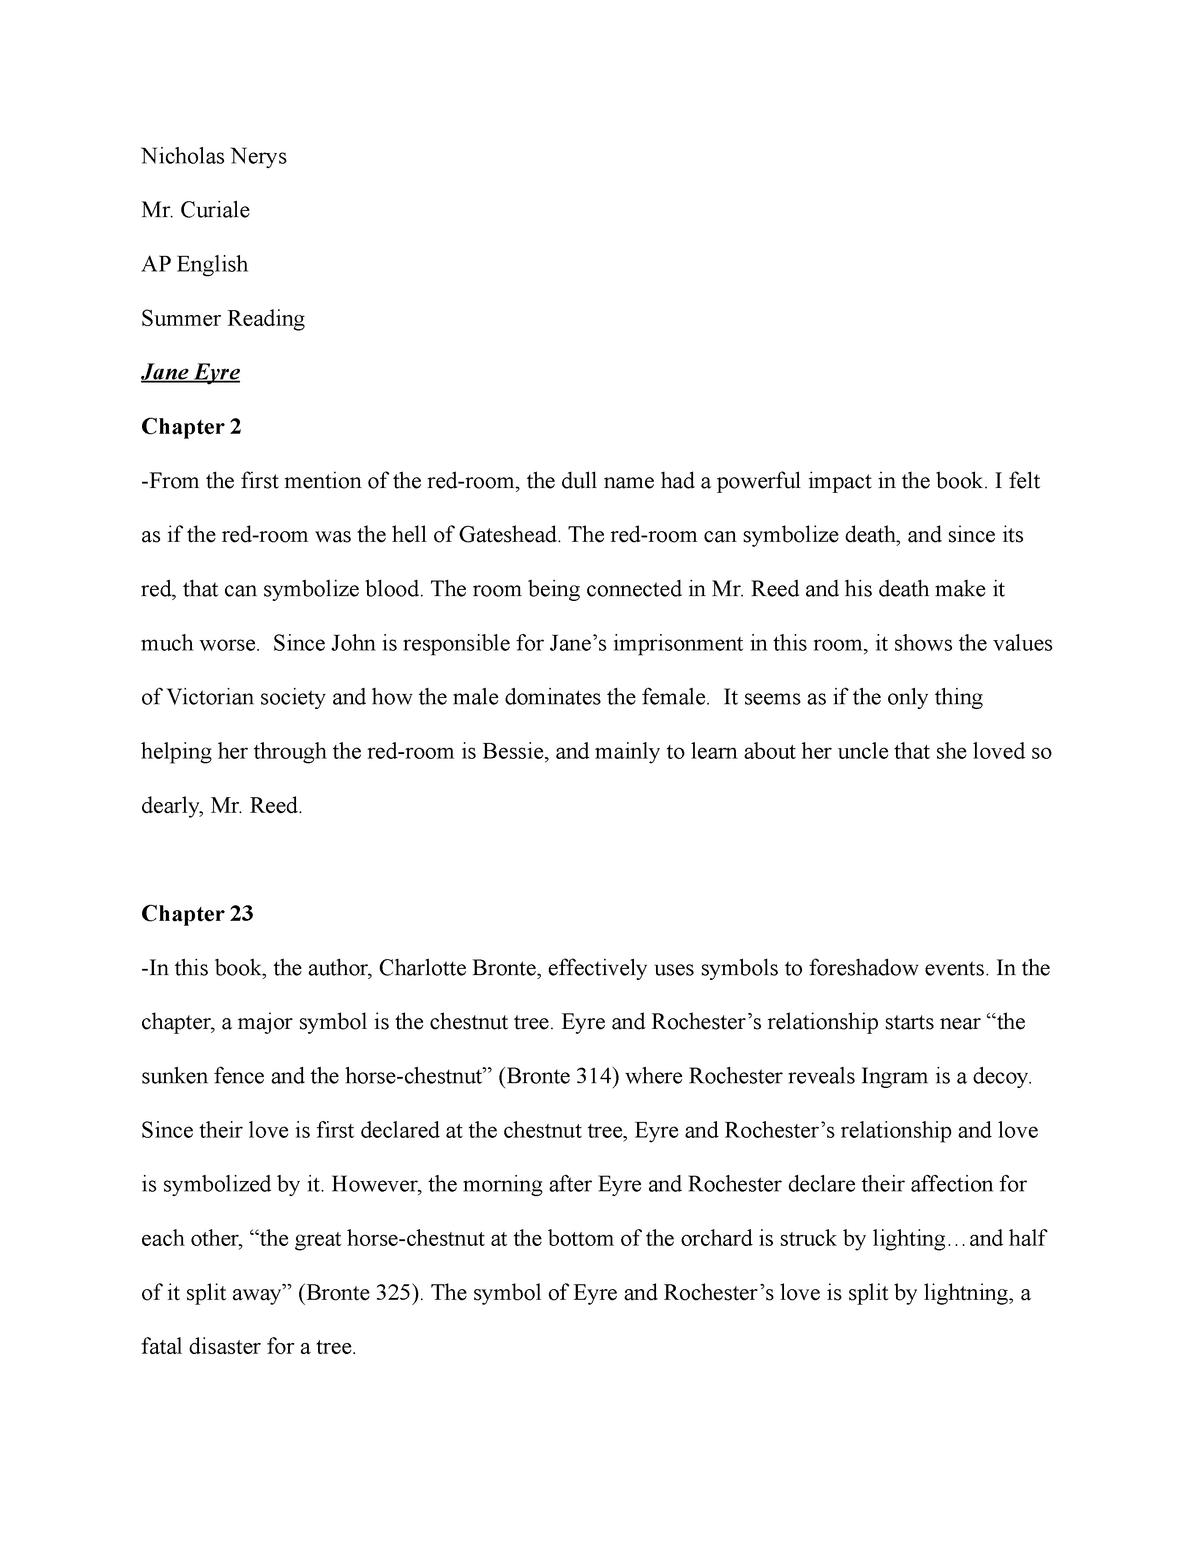 Jane Eyre - Summer Assignment - ENG 2150: Writing II - StuDocu